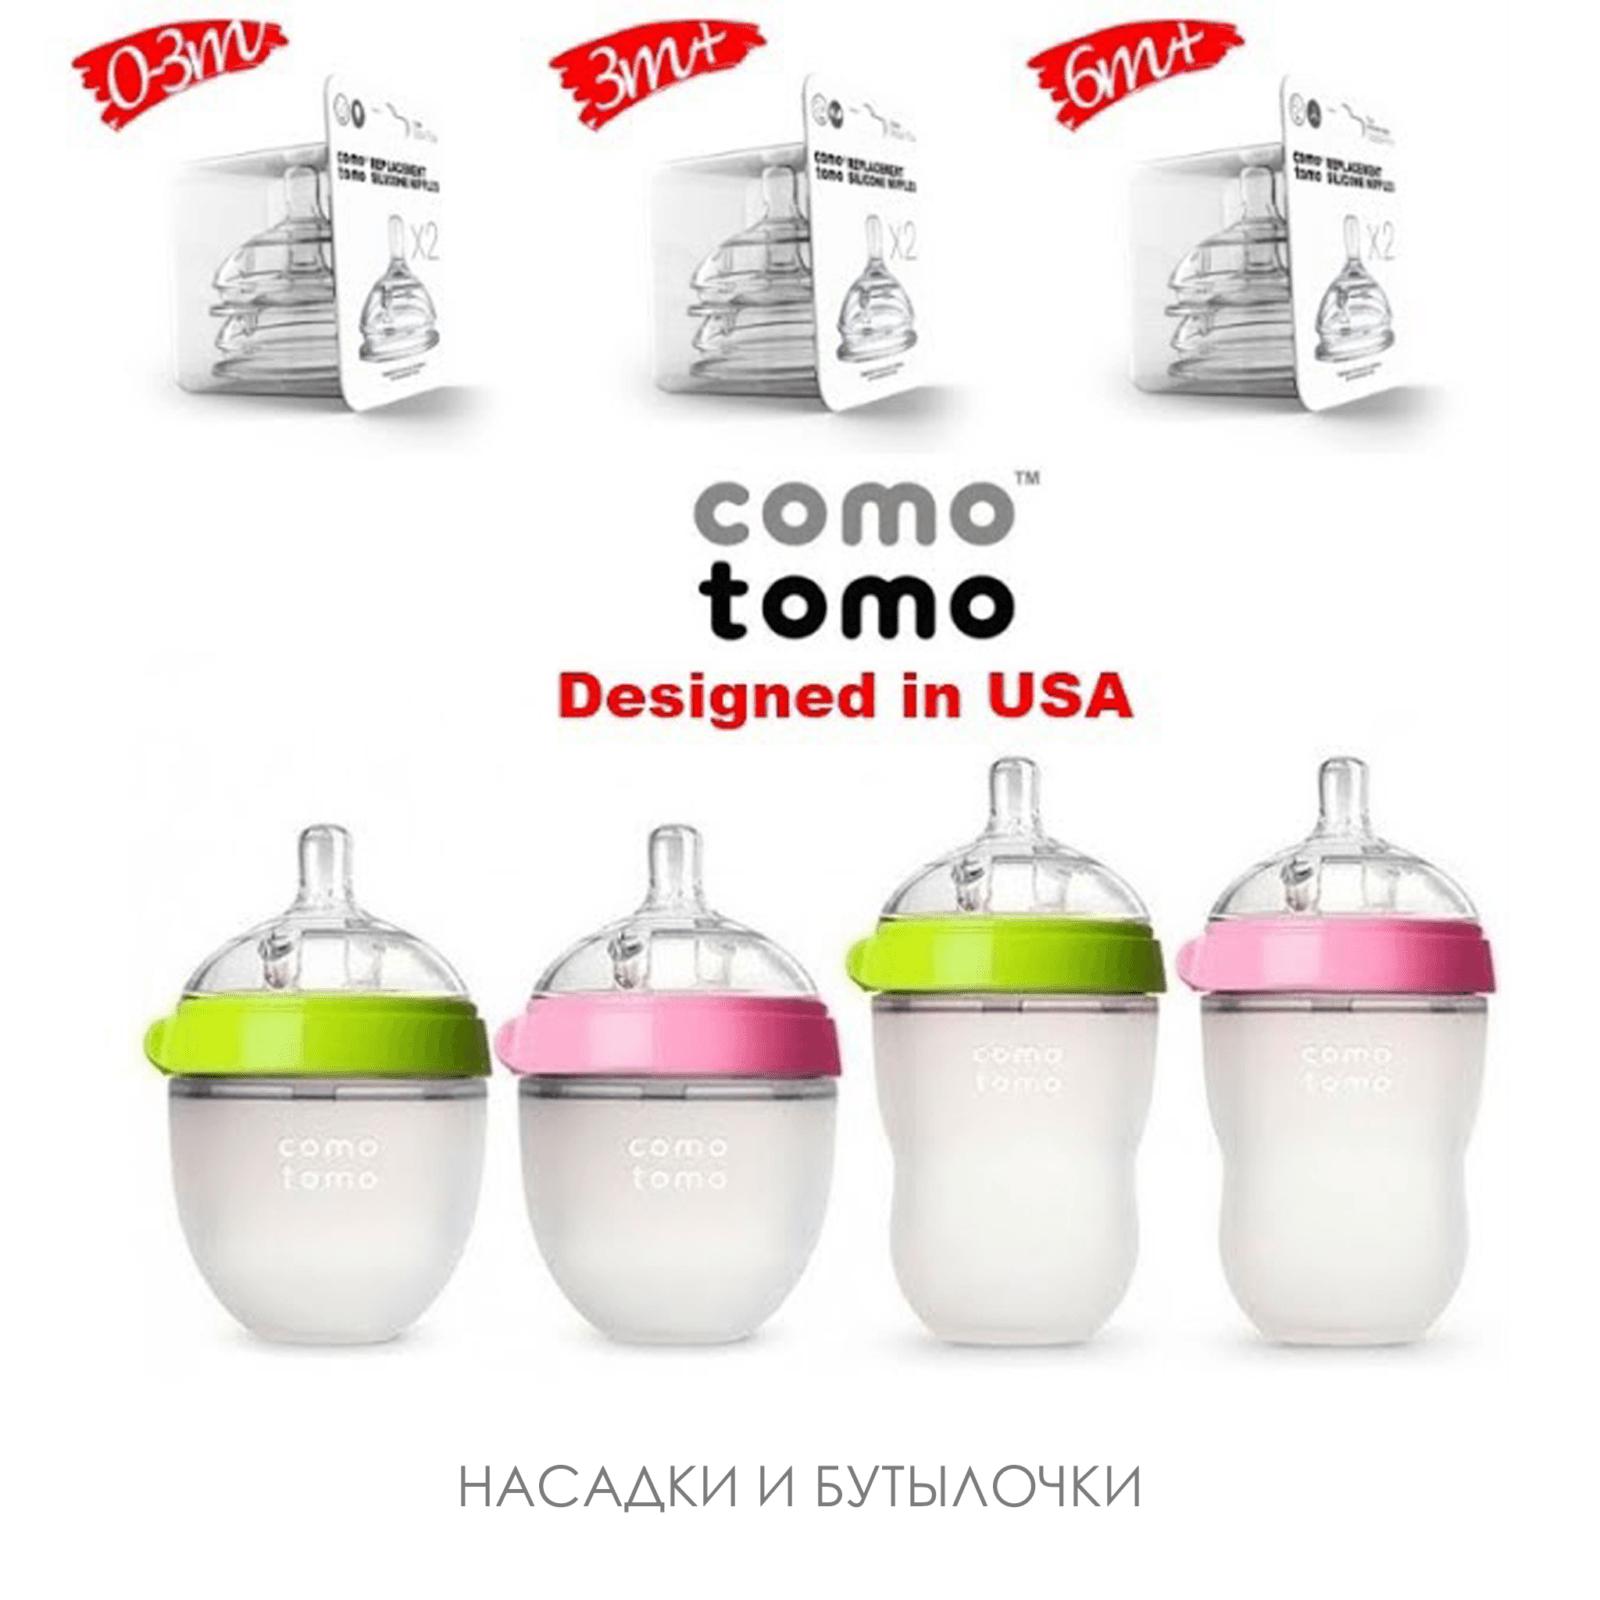 Как стерилизовать бутылочки для новорожденных?